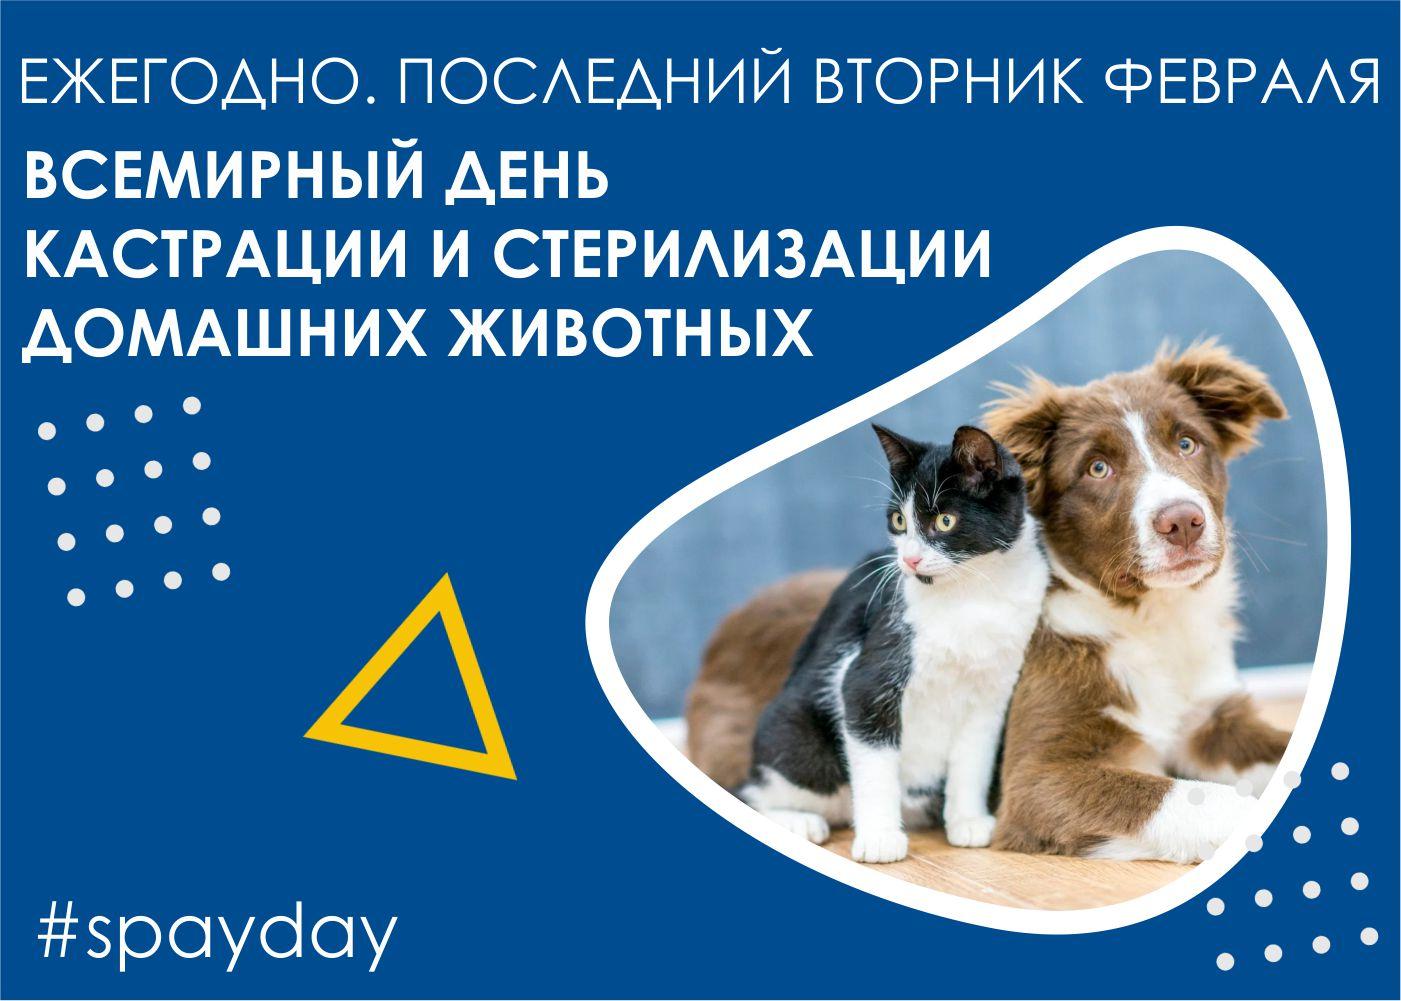 Всемирный день стерилизации и кастрации